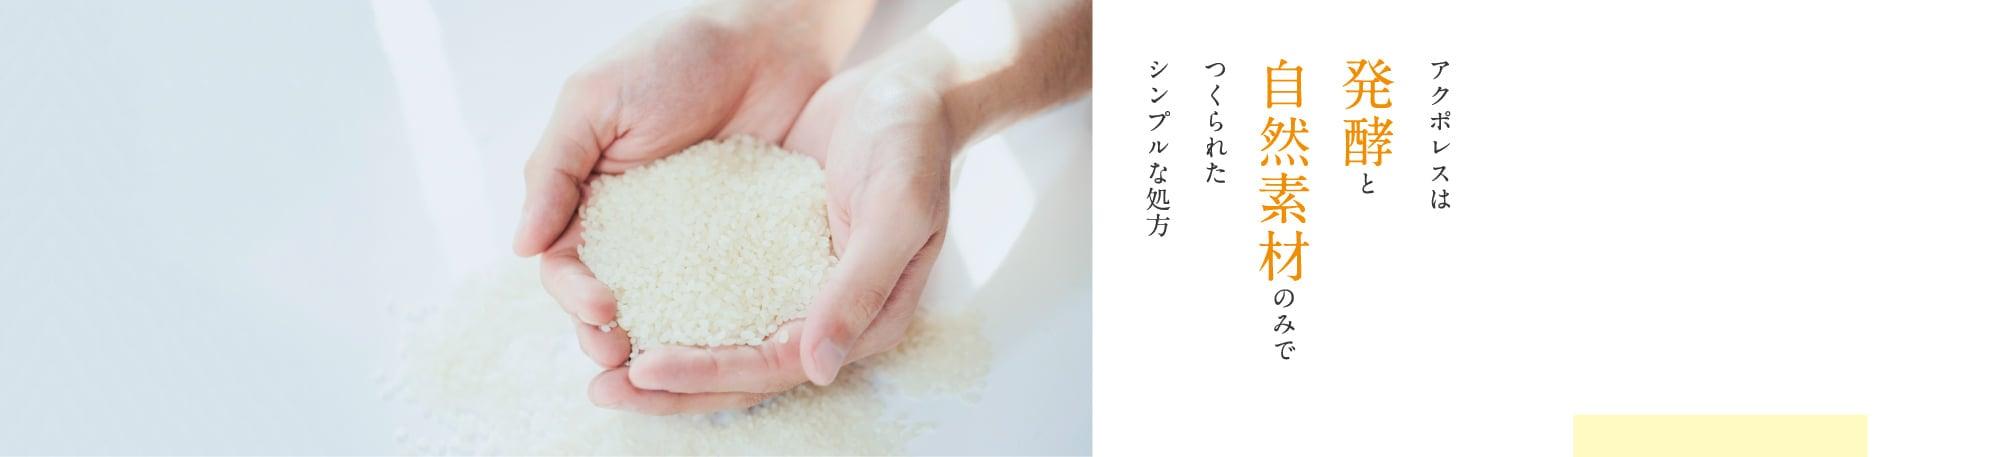 アクポレスは発酵と自然素材のみでつくられたシンプルな処方